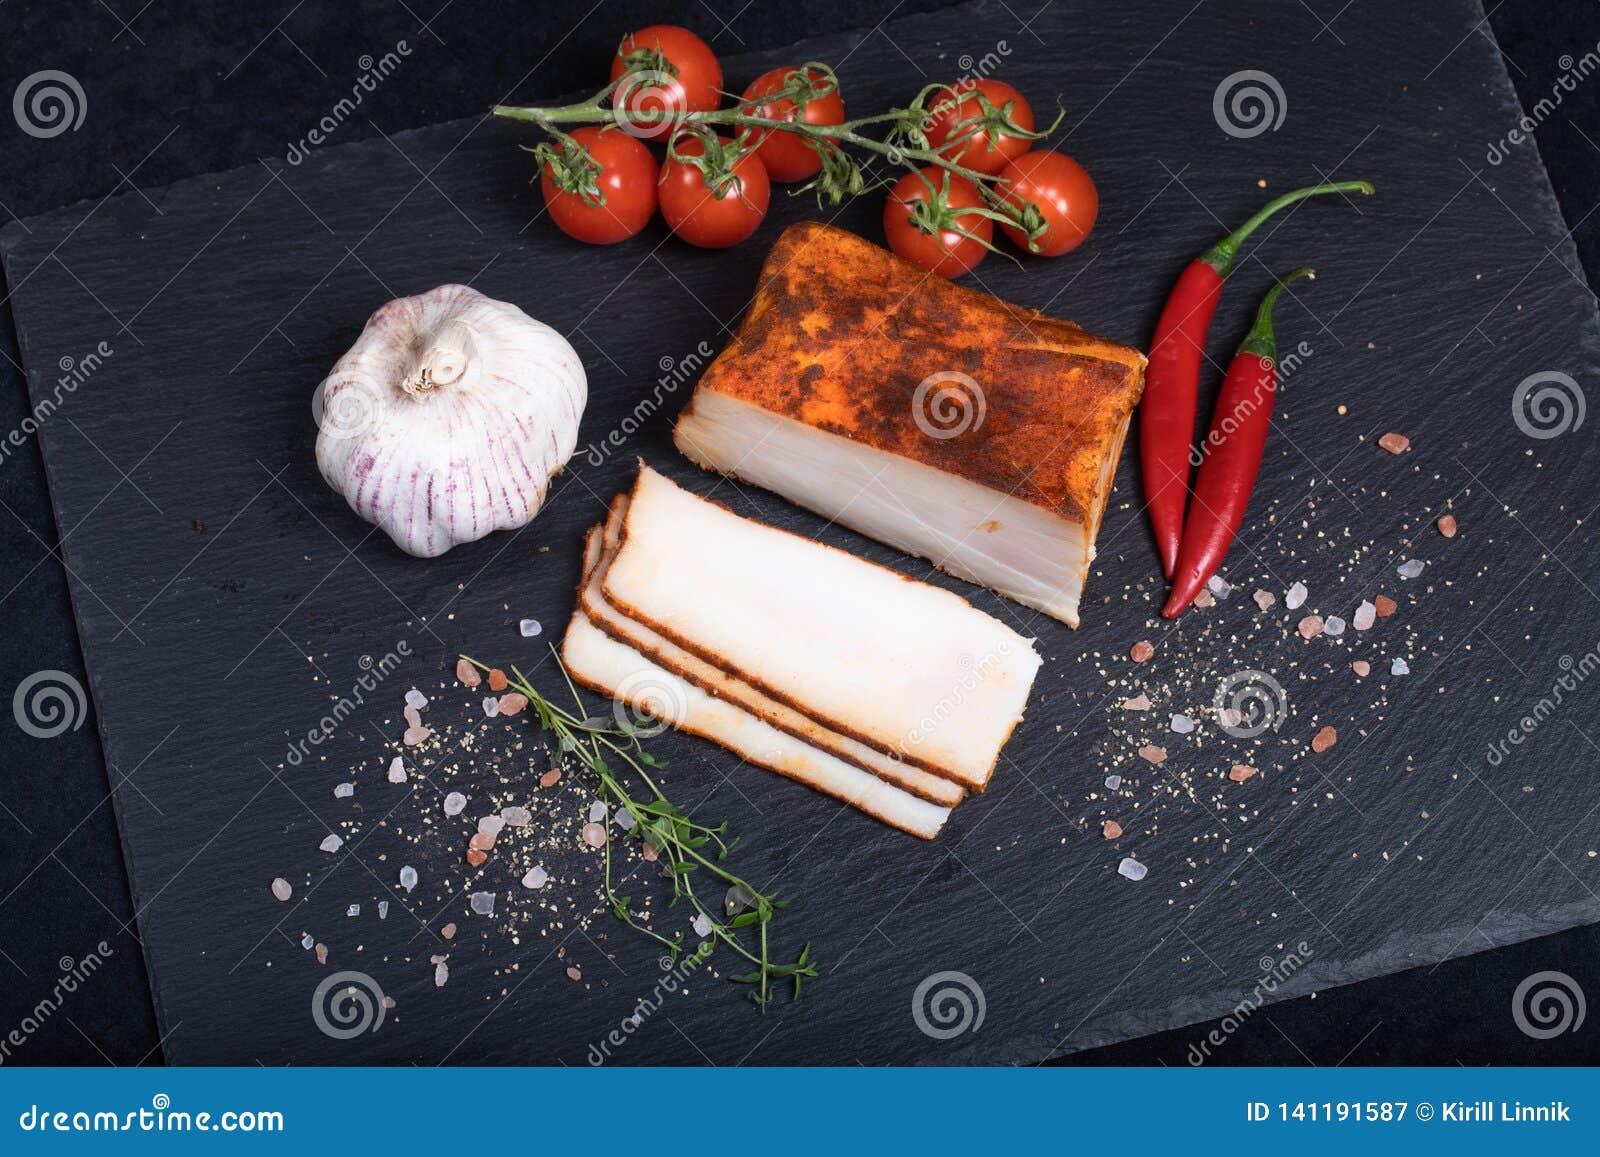 Seasoned lard on black stone plate